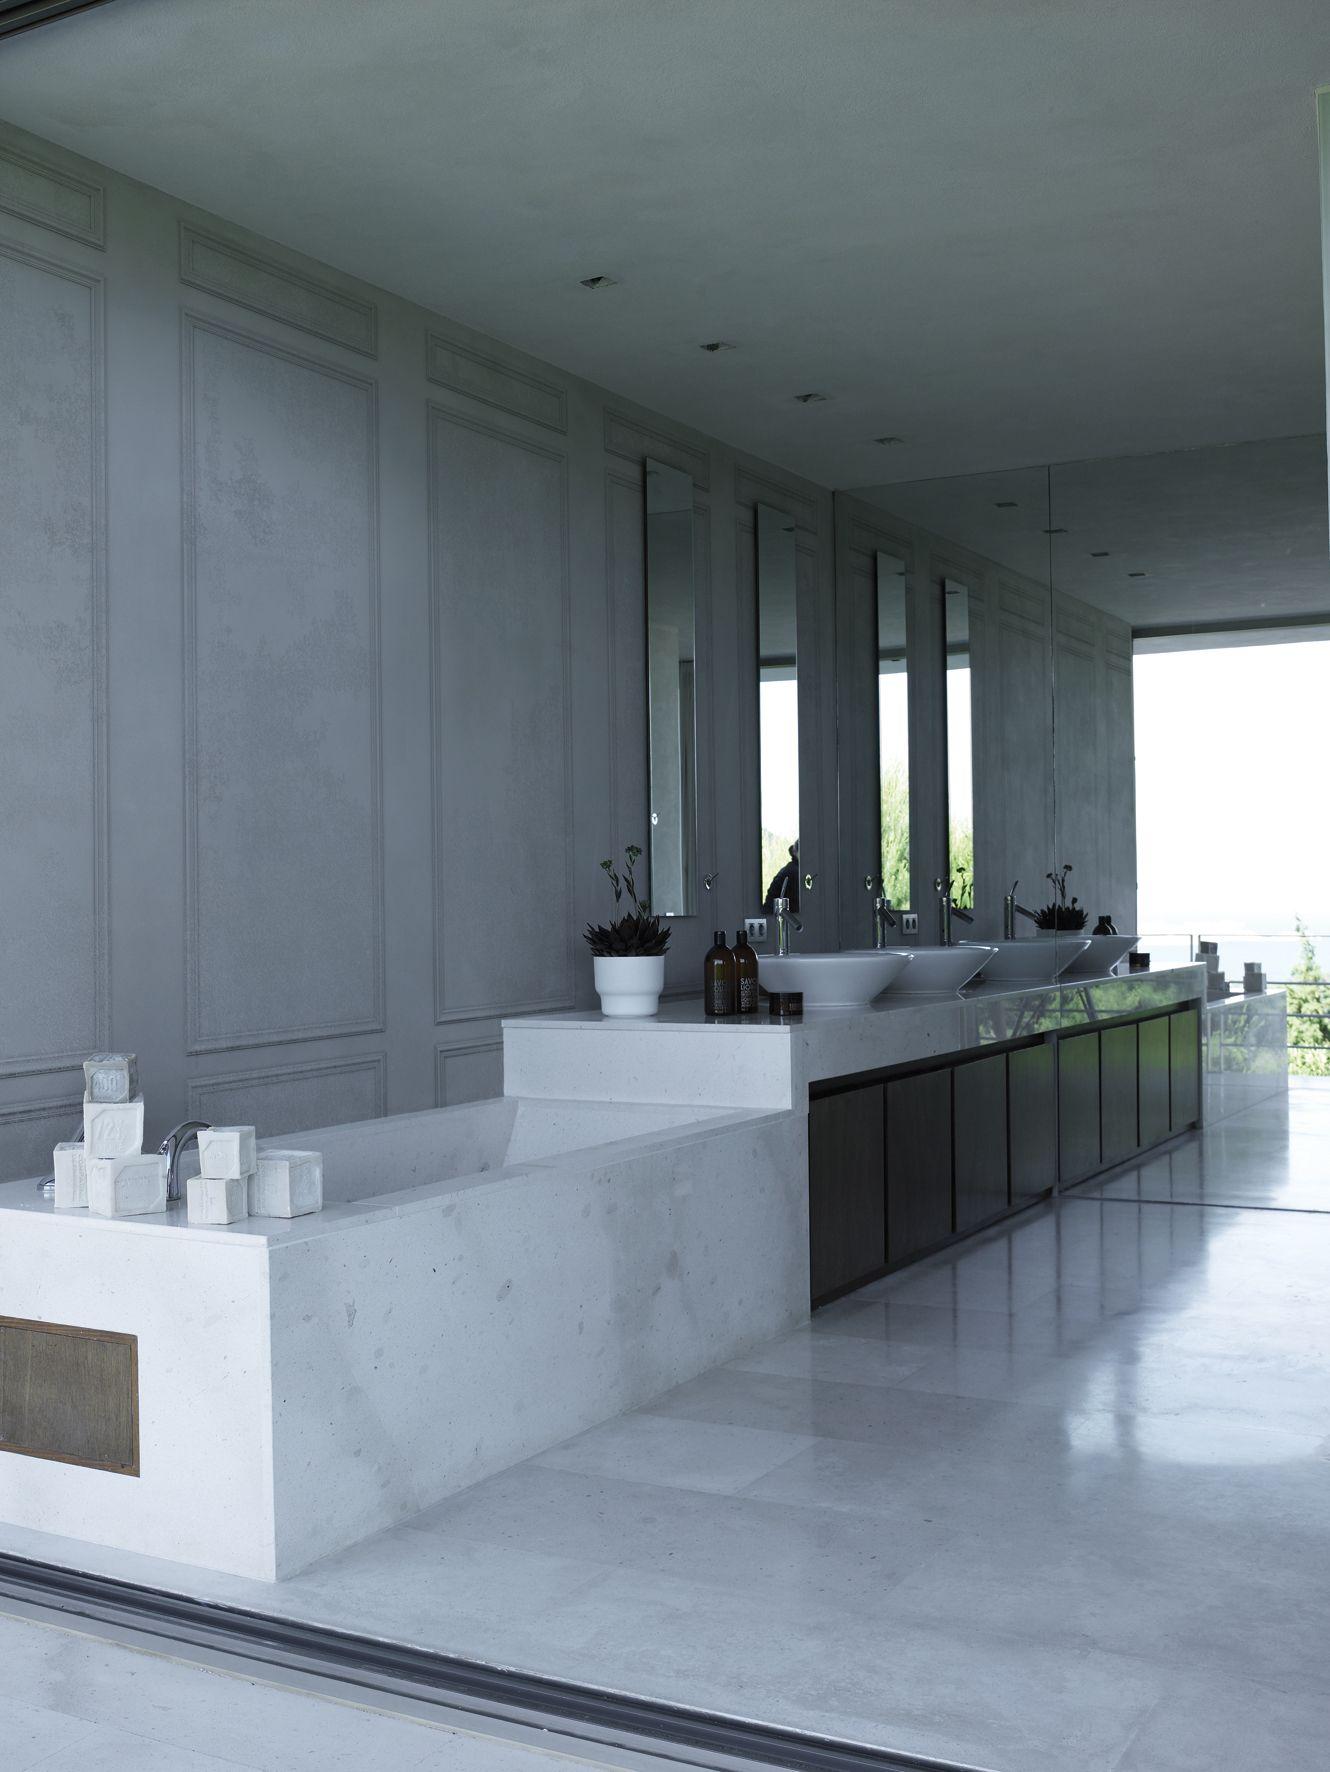 Papier peint aspect bois trompe l 39 oeil pour salle de bain - Trompe l oeil salle de bain ...